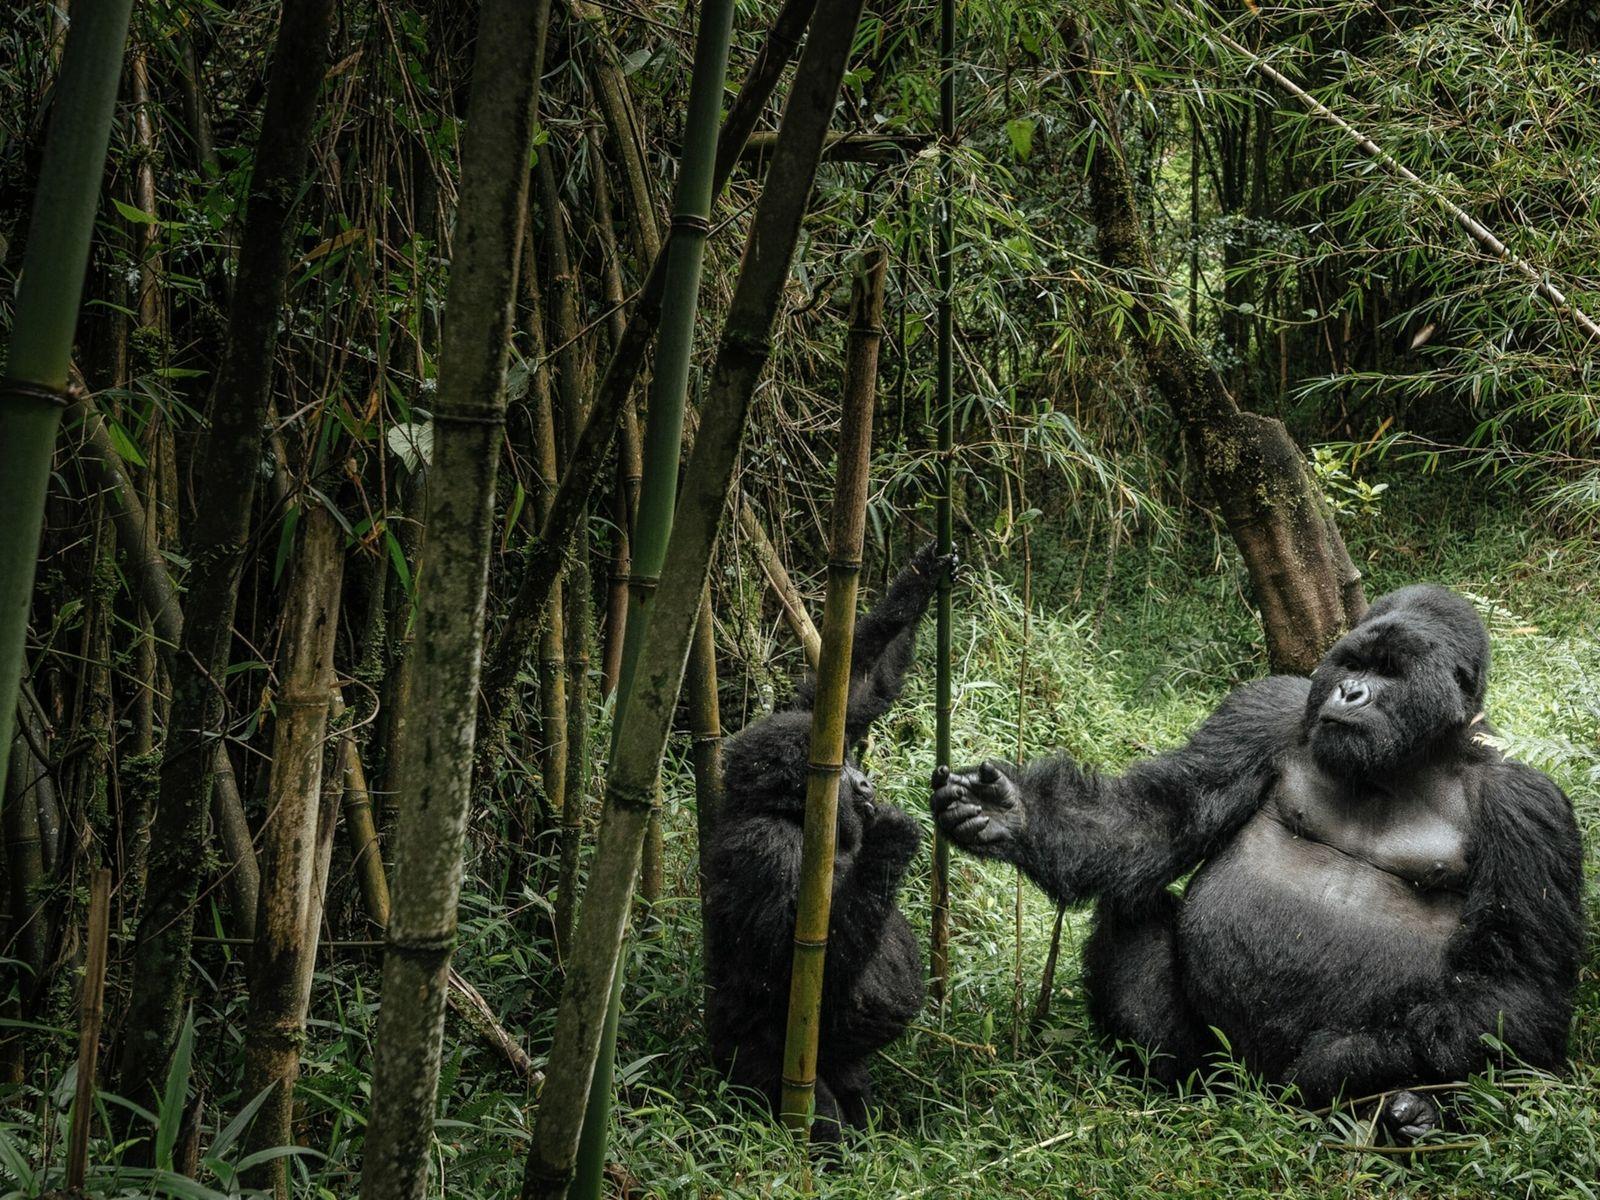 gorila de dorso prateado